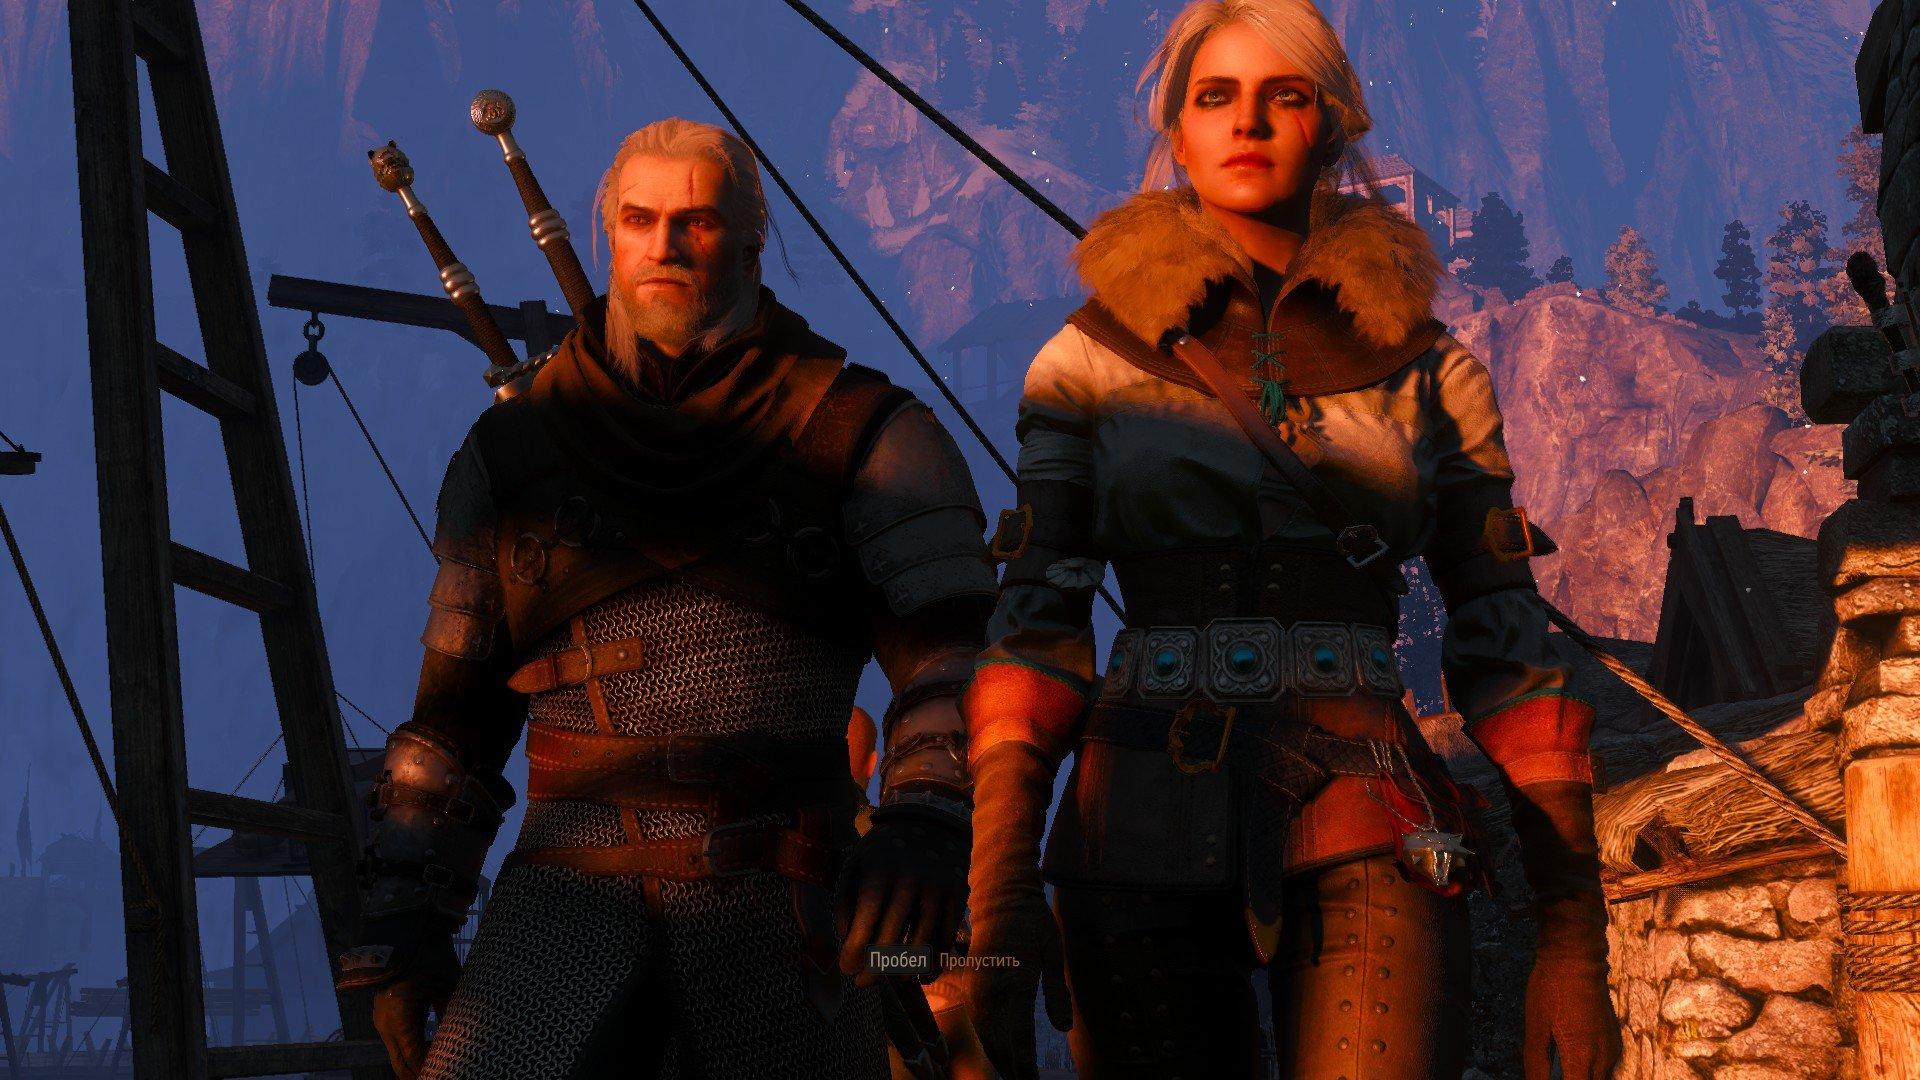 The Witcher 3: Wild Hunt. Вышел патч 1.08.   CD Projekt Red выпустили патч 1.08 на все платформы. Кроме исправлений, ... - Изображение 1